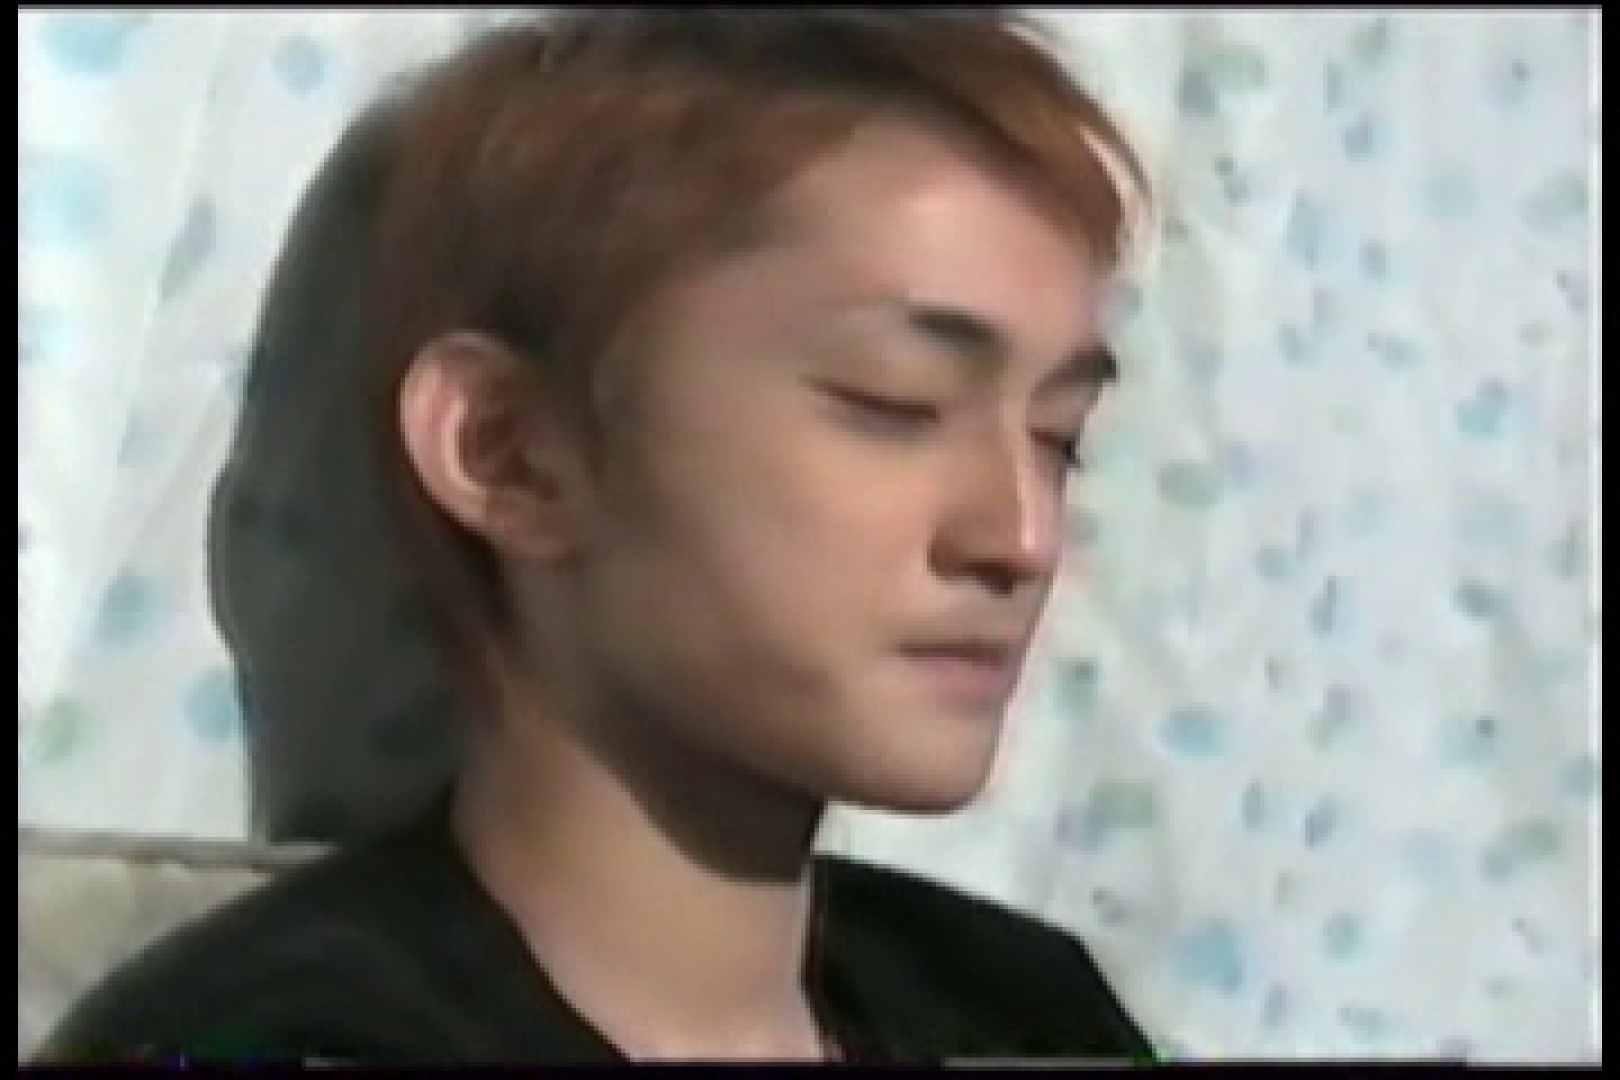 【流出】アイドルを目指したジャニ系イケメンの過去 射精天国 ゲイアダルトビデオ画像 72pic 46